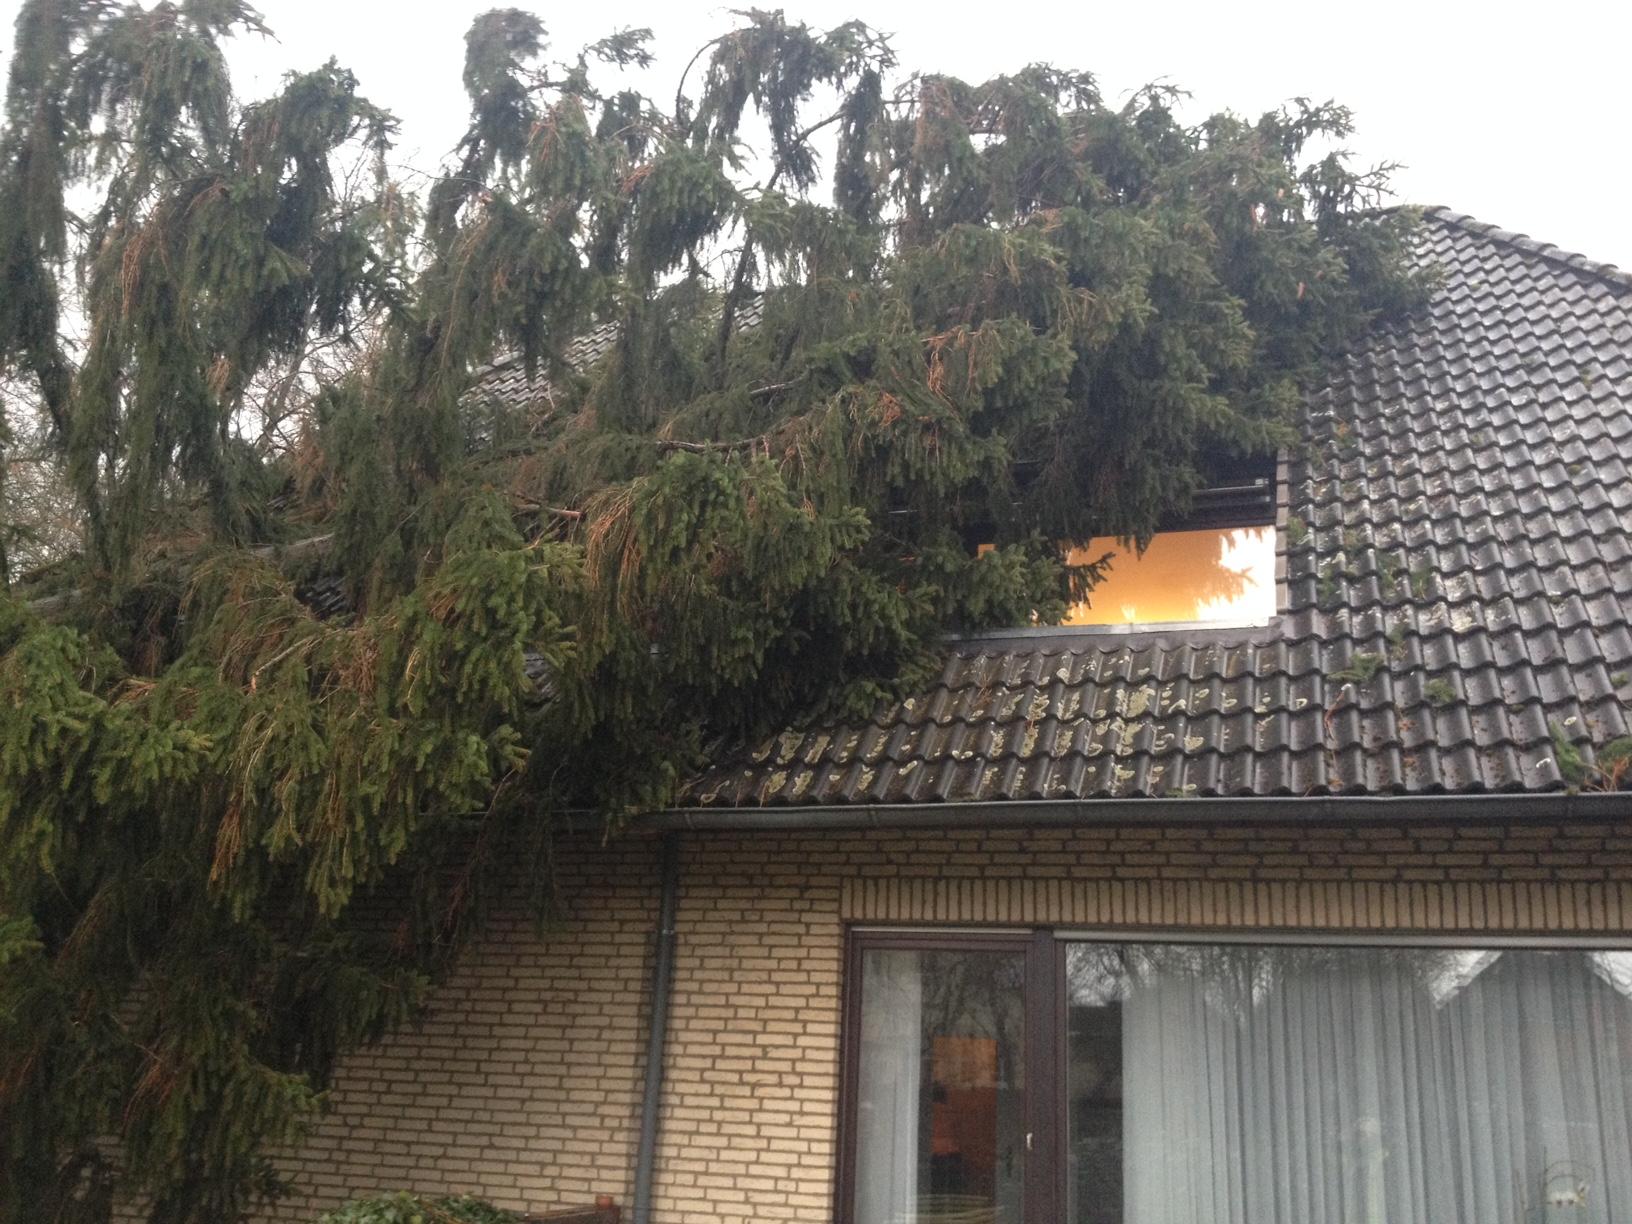 007. Sturmschaden - Baum auf Haus